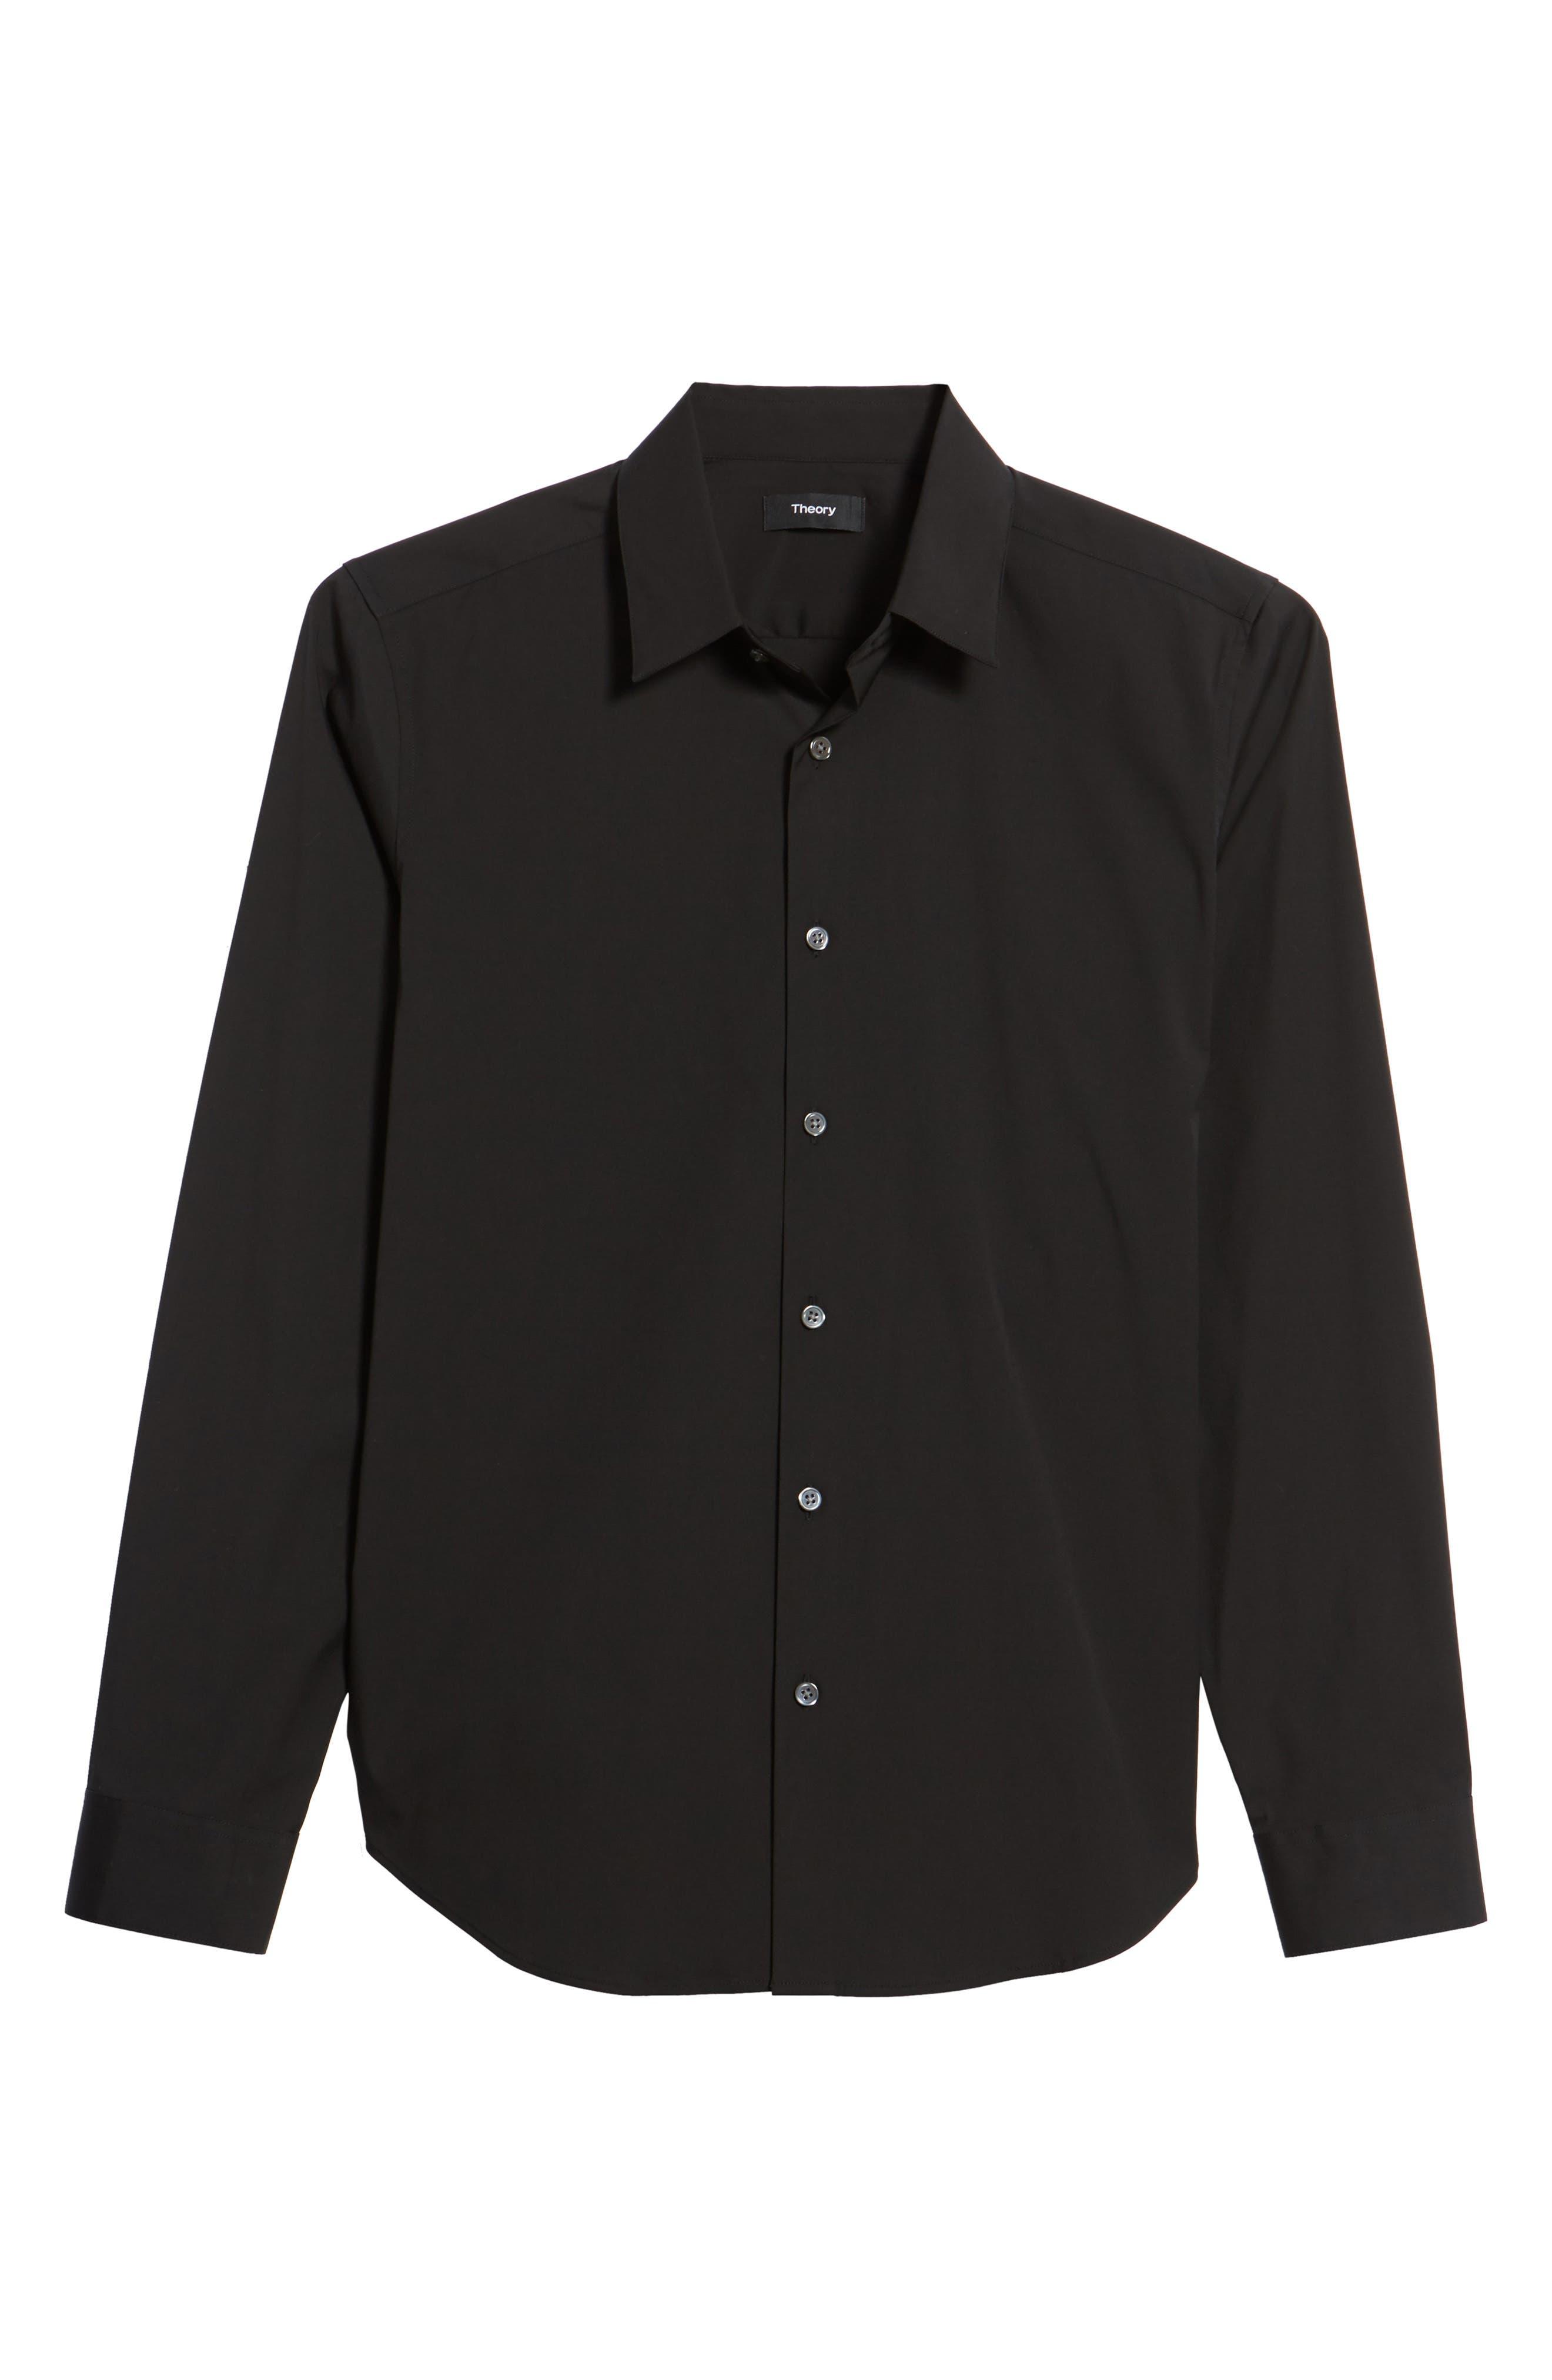 'Sylvain' Trim Fit Long Sleeve Sport Shirt, Main, color, BLACK